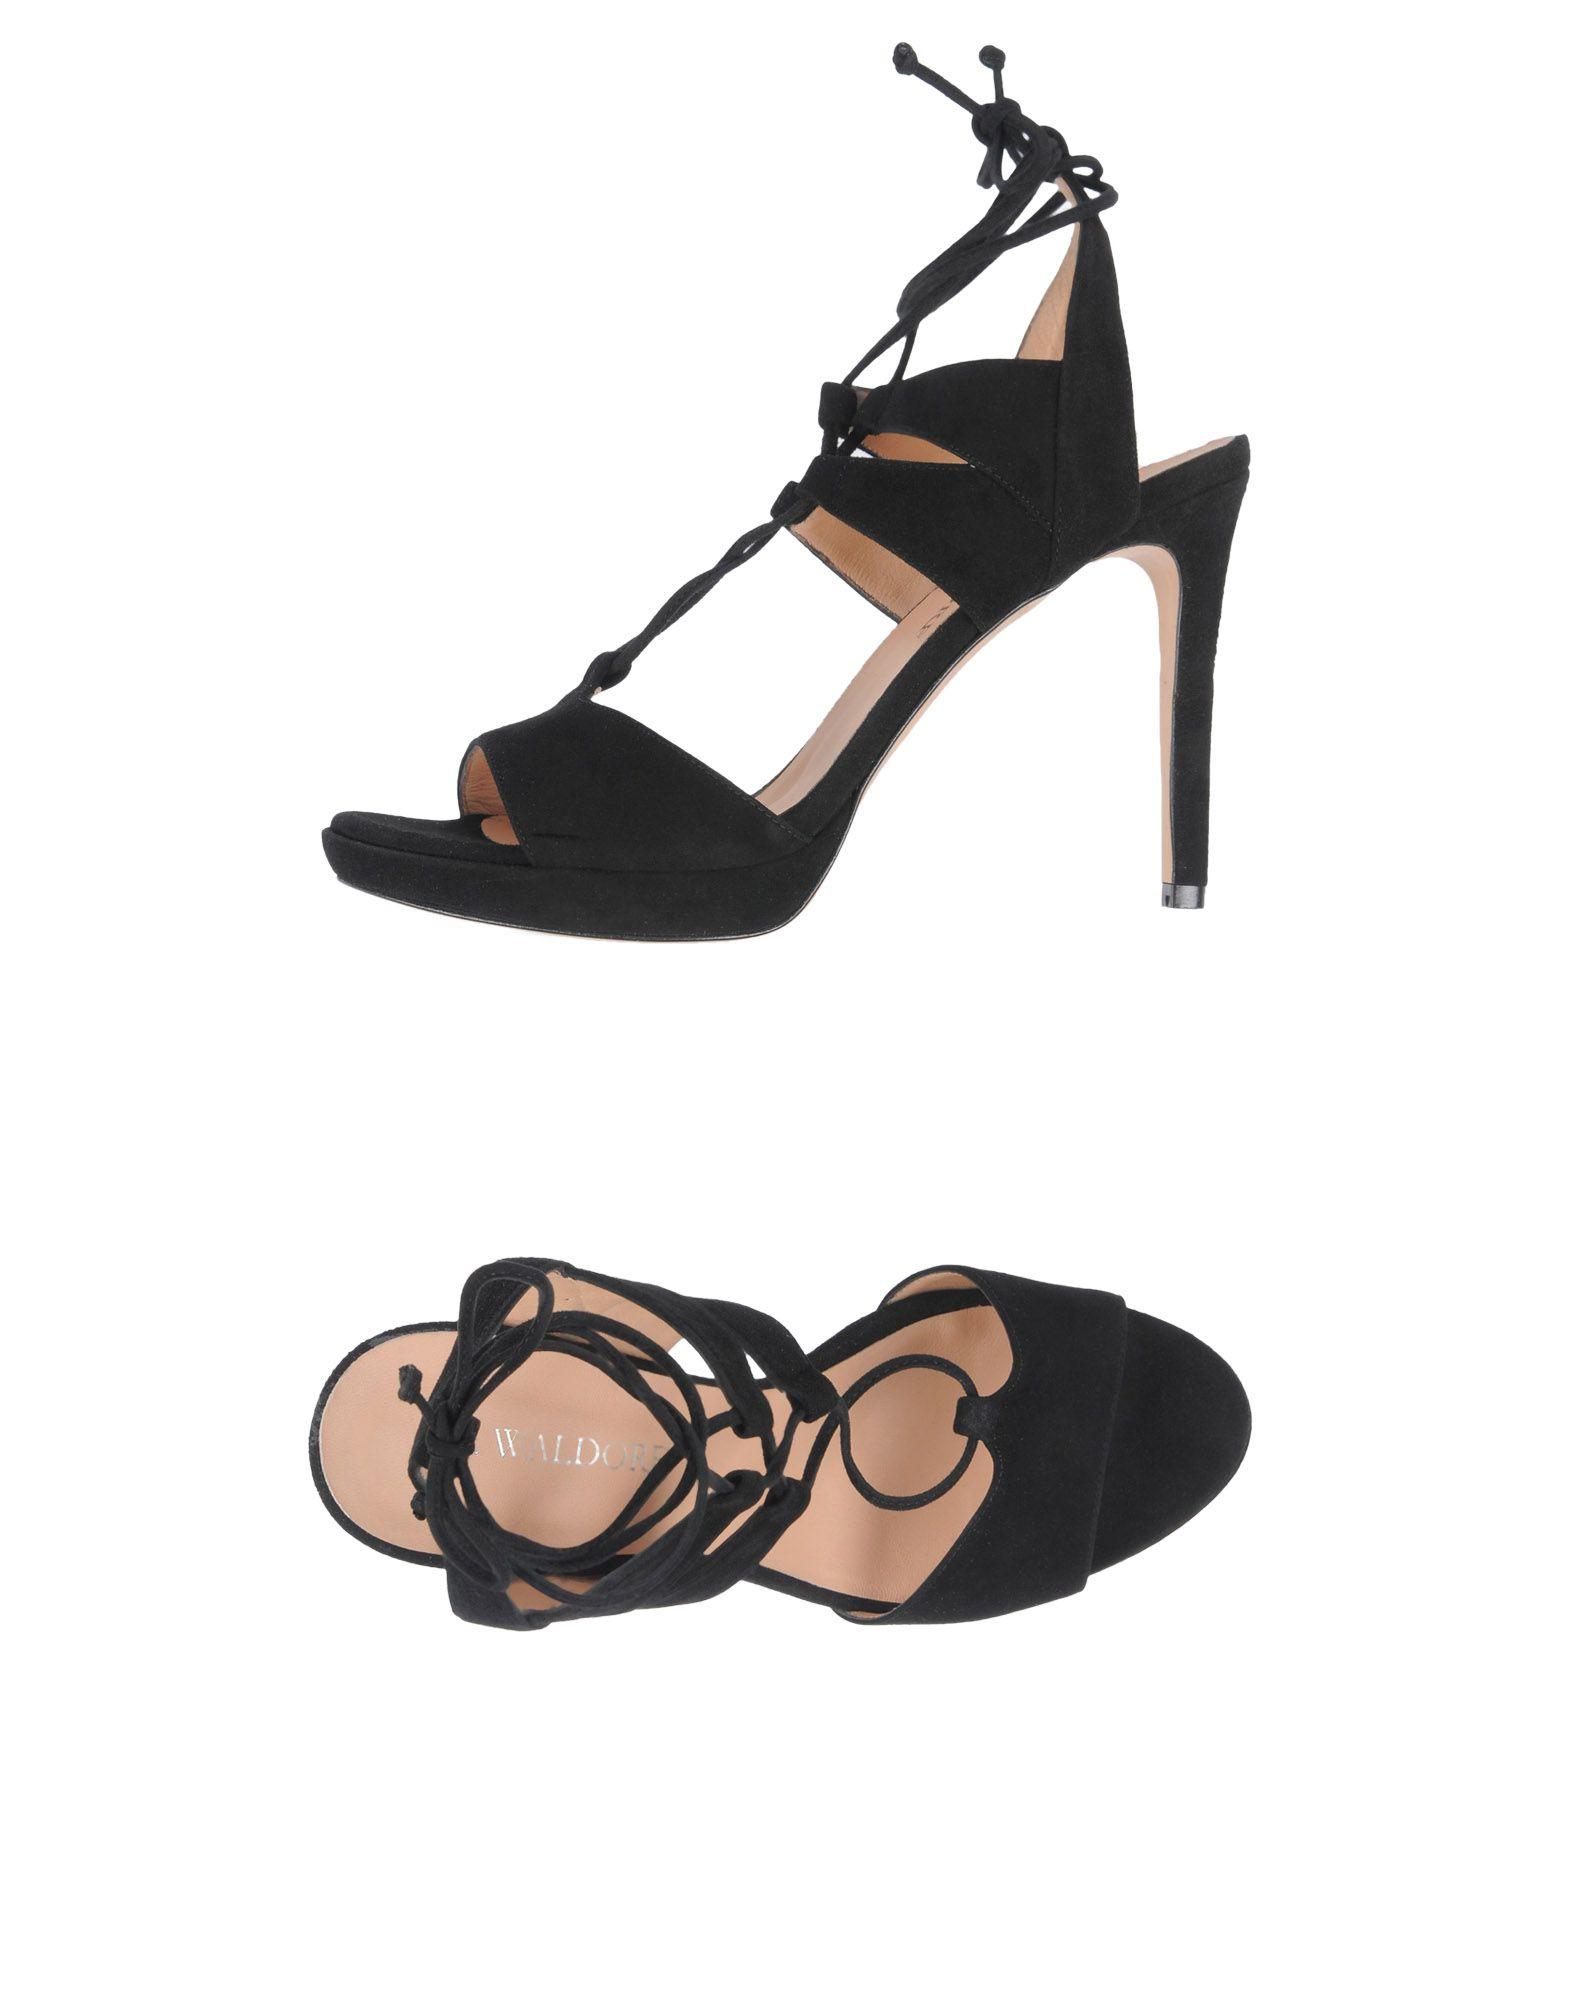 Moda Sandali C.Waldorf Donna - 11463417CP